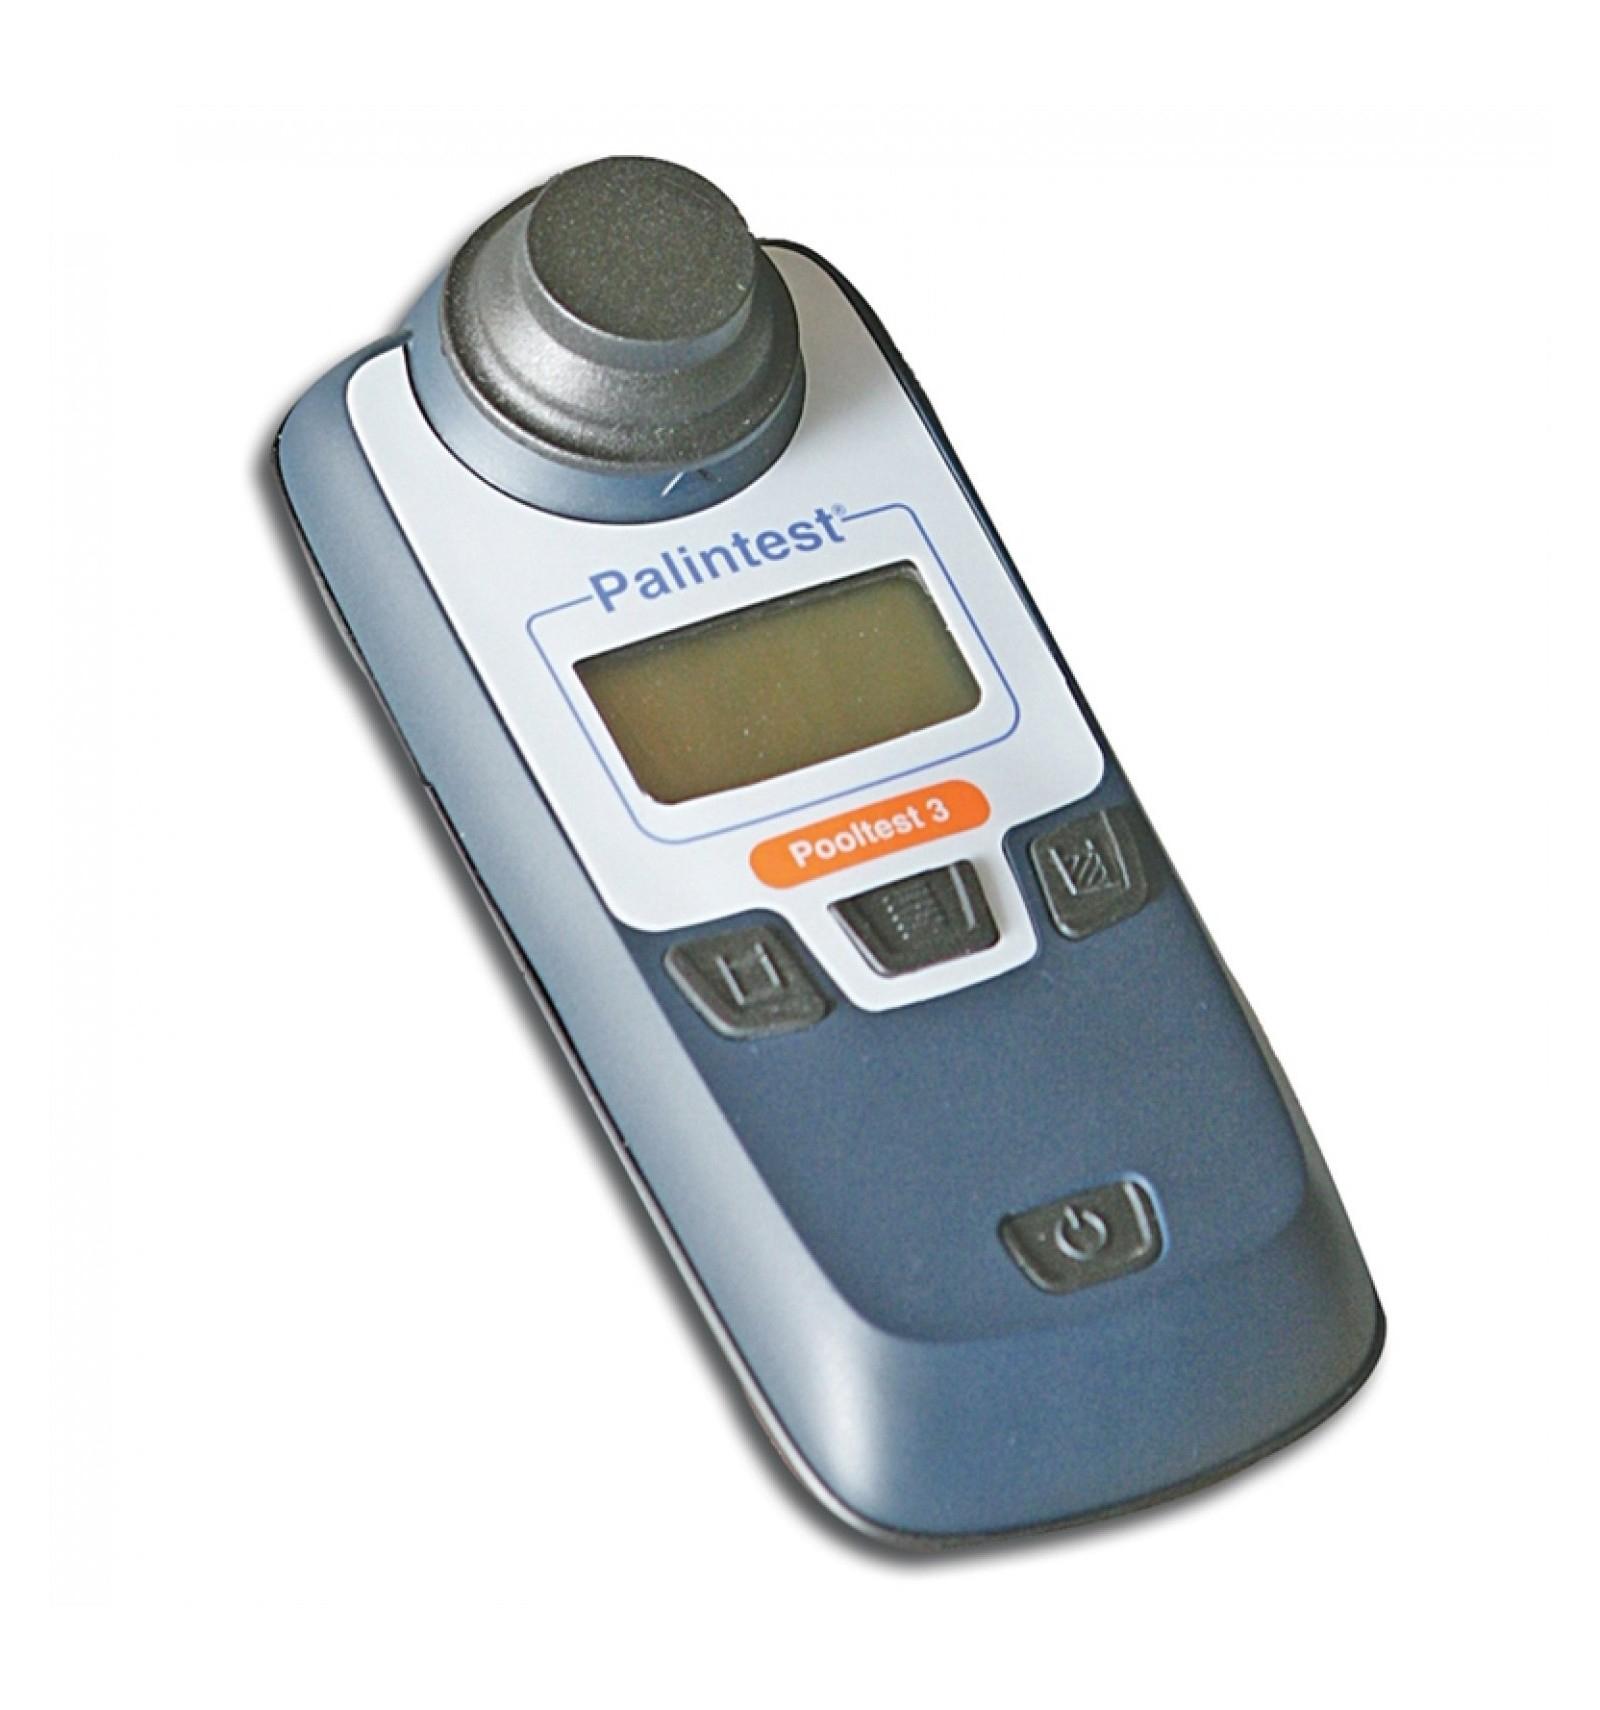 Pooltest3 Palintest Photomètre Chlore, Ph, Stabilisant Piscine avec Photomètre Piscine